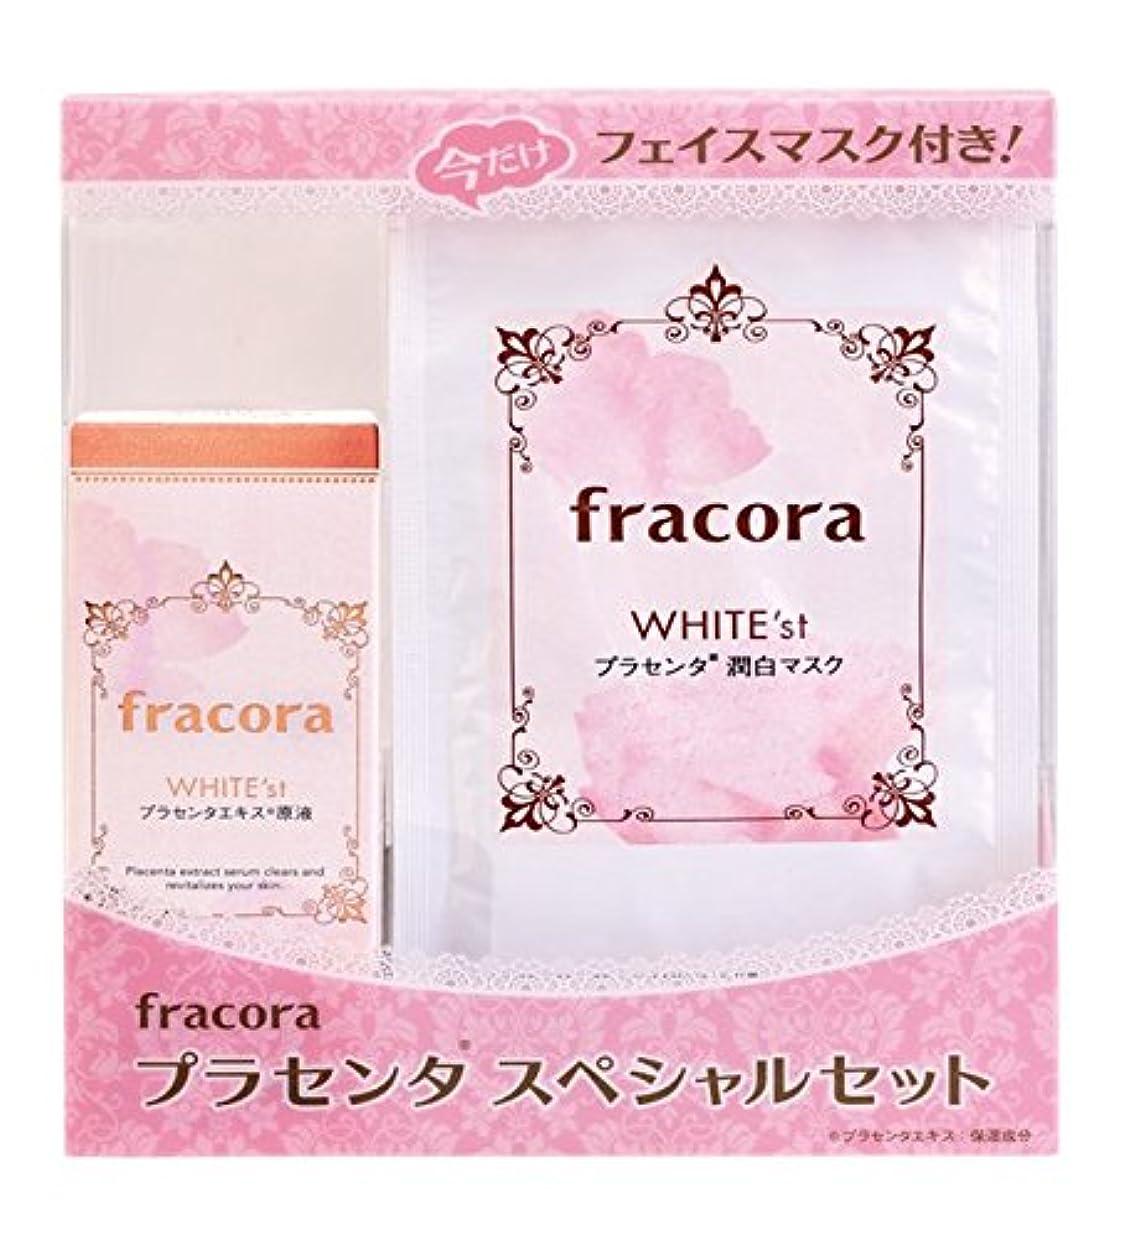 外交報復受賞【数量限定】フラコラ WHITE'st プラセンタ スペシャルセット2017